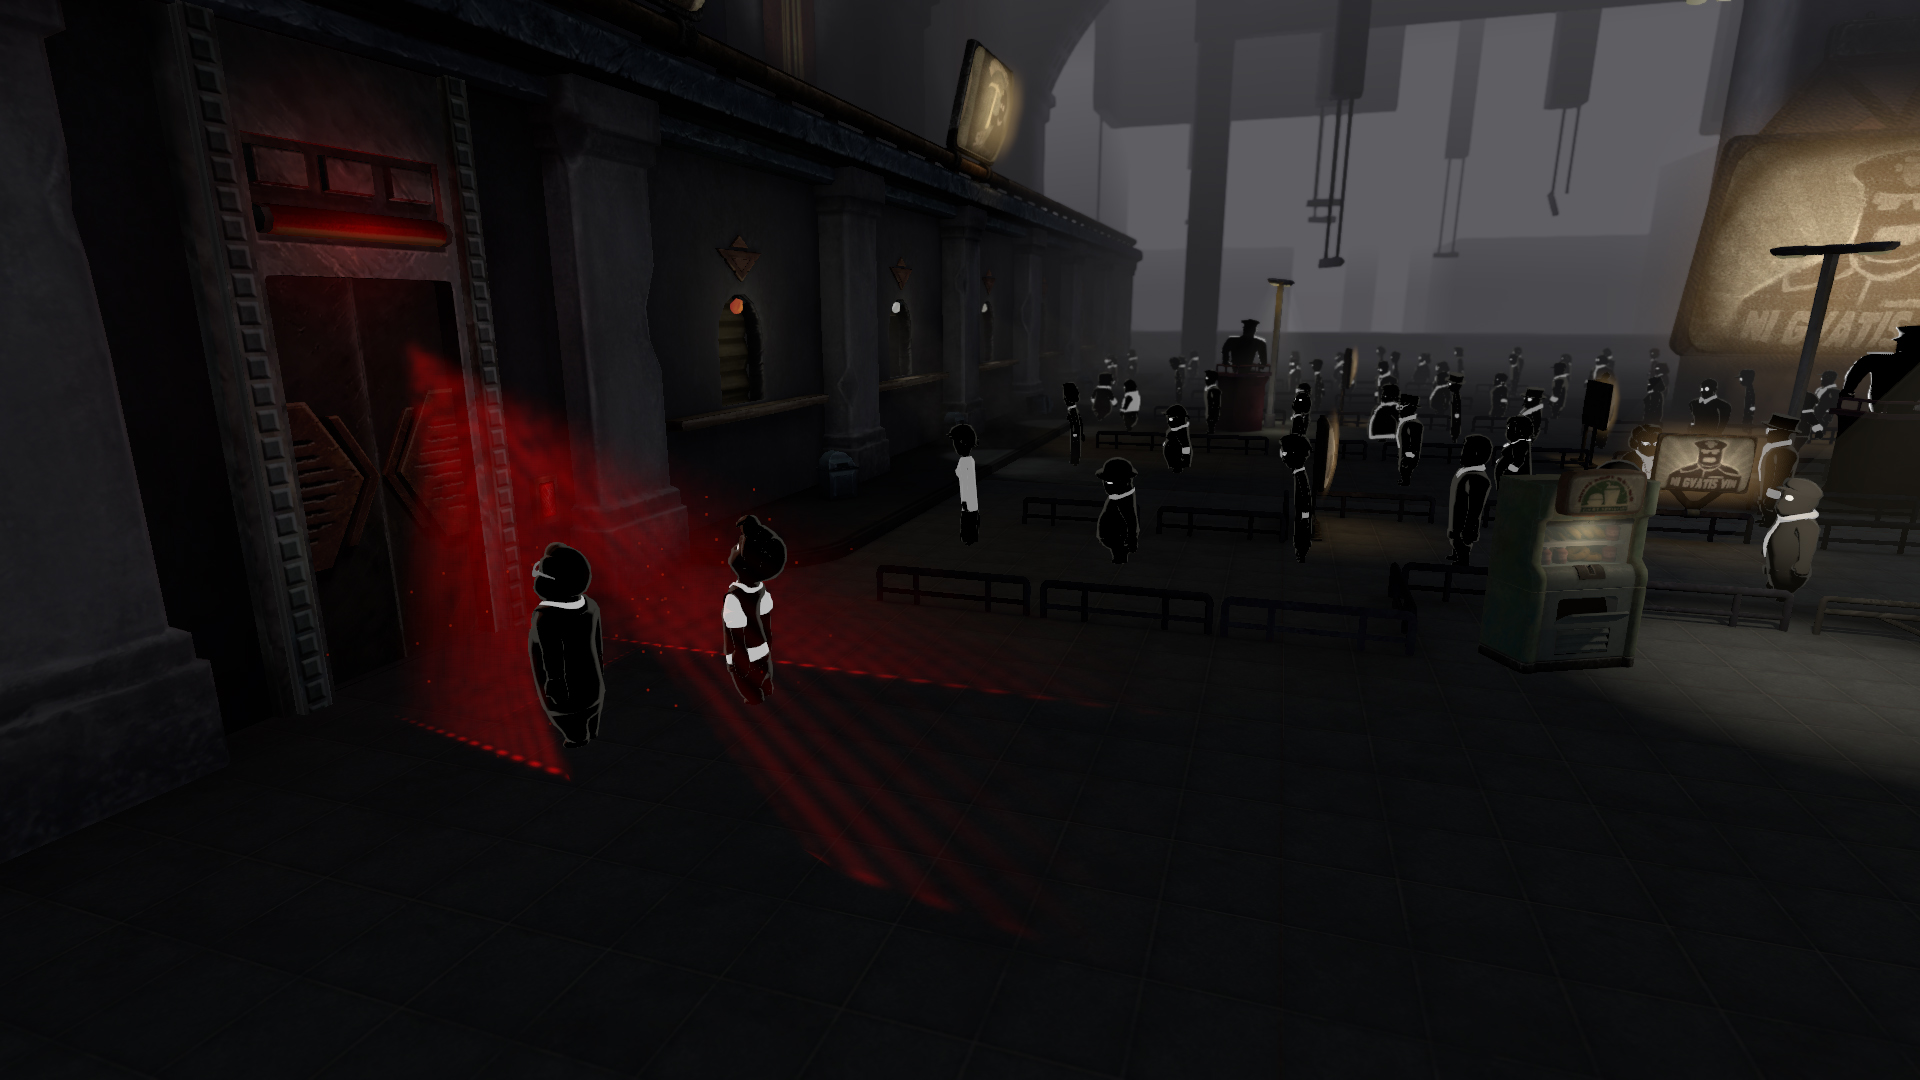 《旁观者2》将于12月4日发售 支持简中字幕及语音